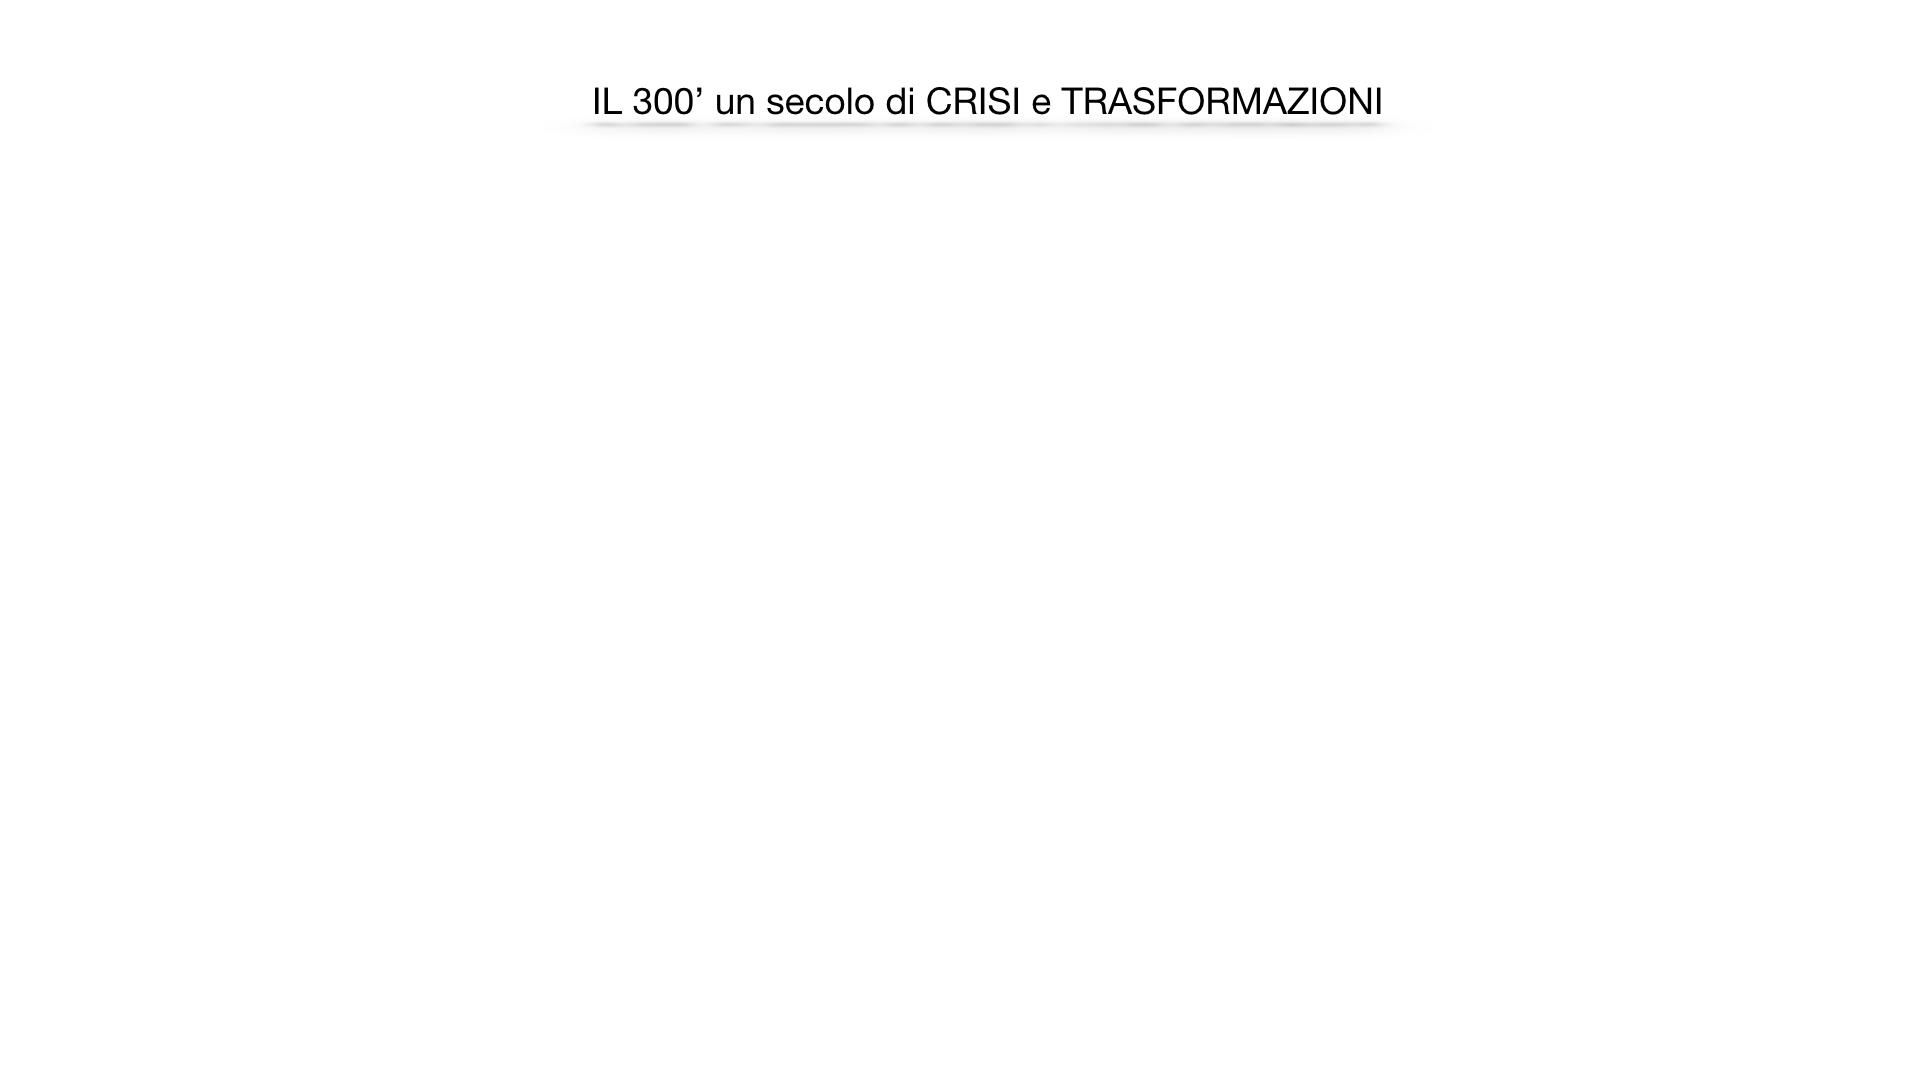 il 300 crisi e trasformazioni_ SIMULAZIONE.001